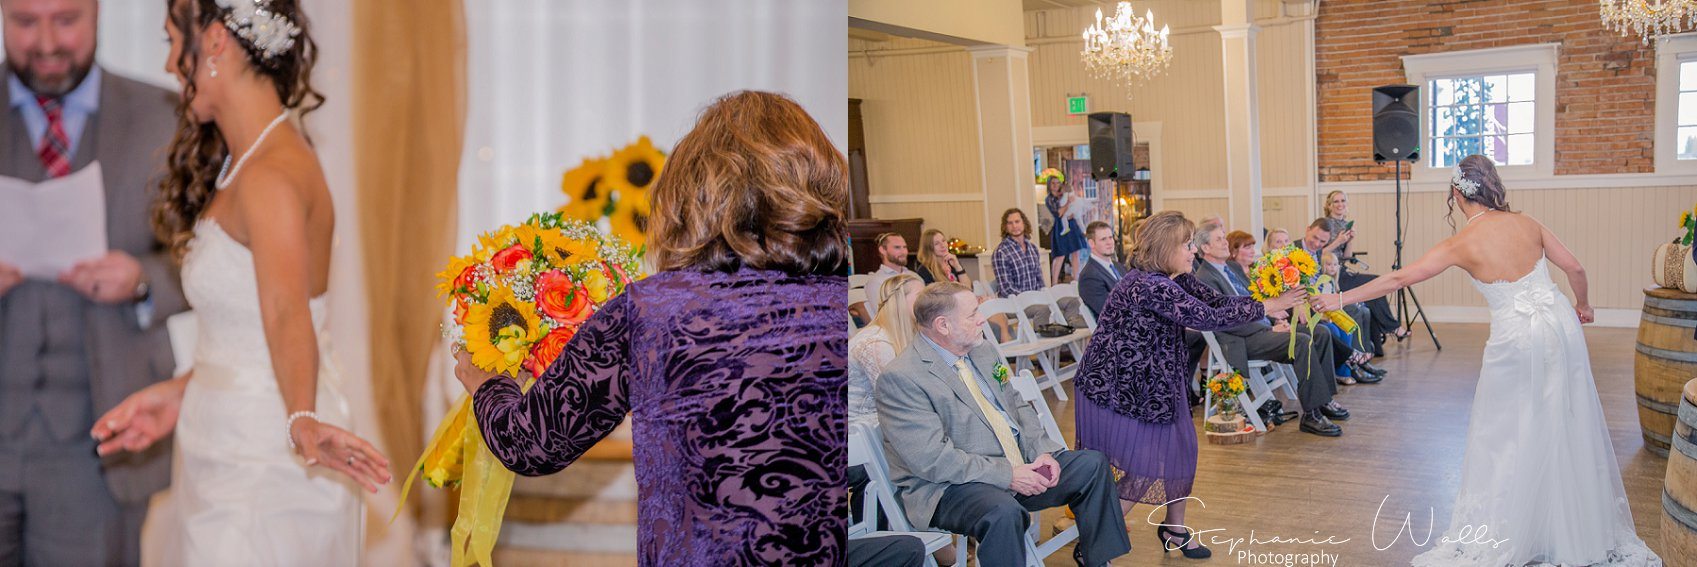 Ceremony 097 KK & Zack | Hollywood Schoolhouse Wedding | Woodinville, Wa Wedding Photographer